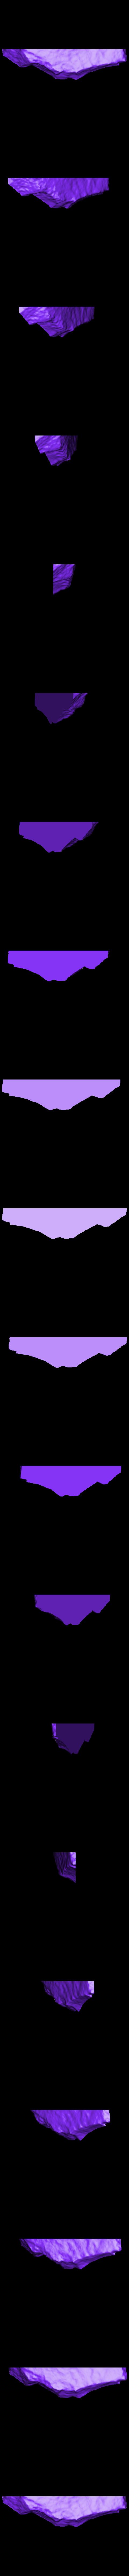 trilobite-P149623-Cut_2.stl Télécharger fichier STL gratuit Trilobite (P149623) • Plan pour impression 3D, MuseumVictoria